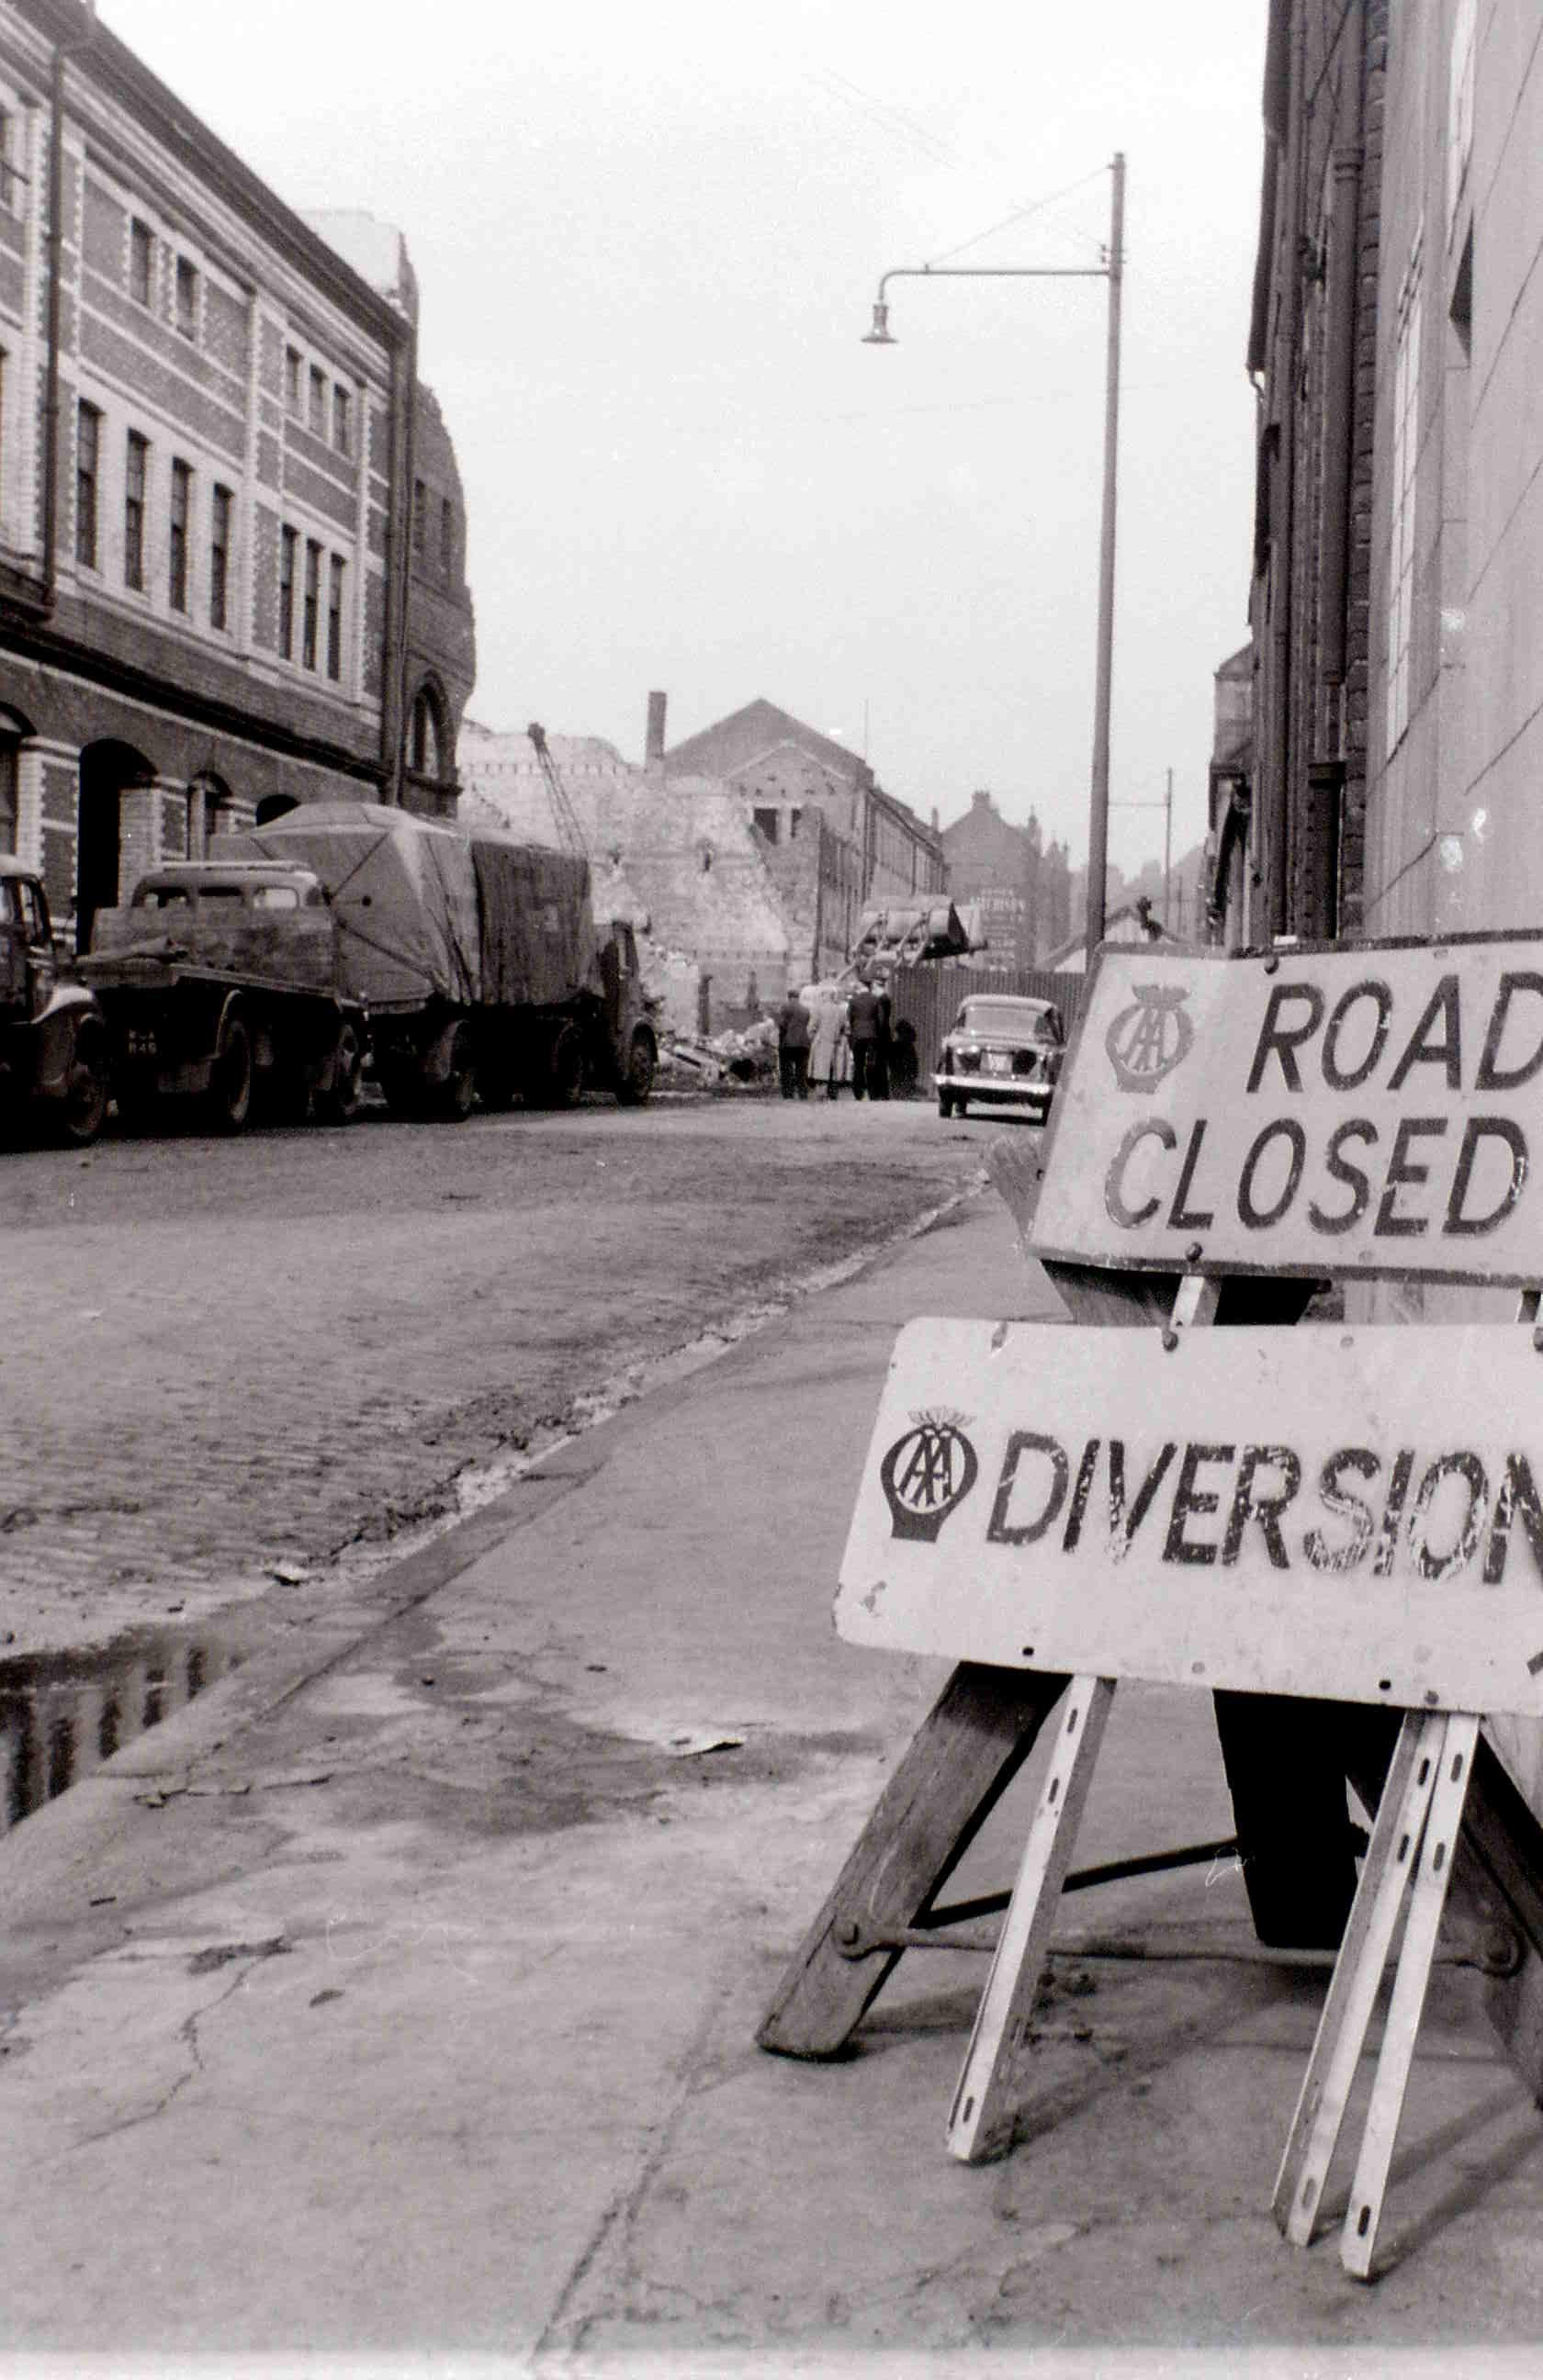 Глазго, 19 апреля 1960. После пожара4.jpg